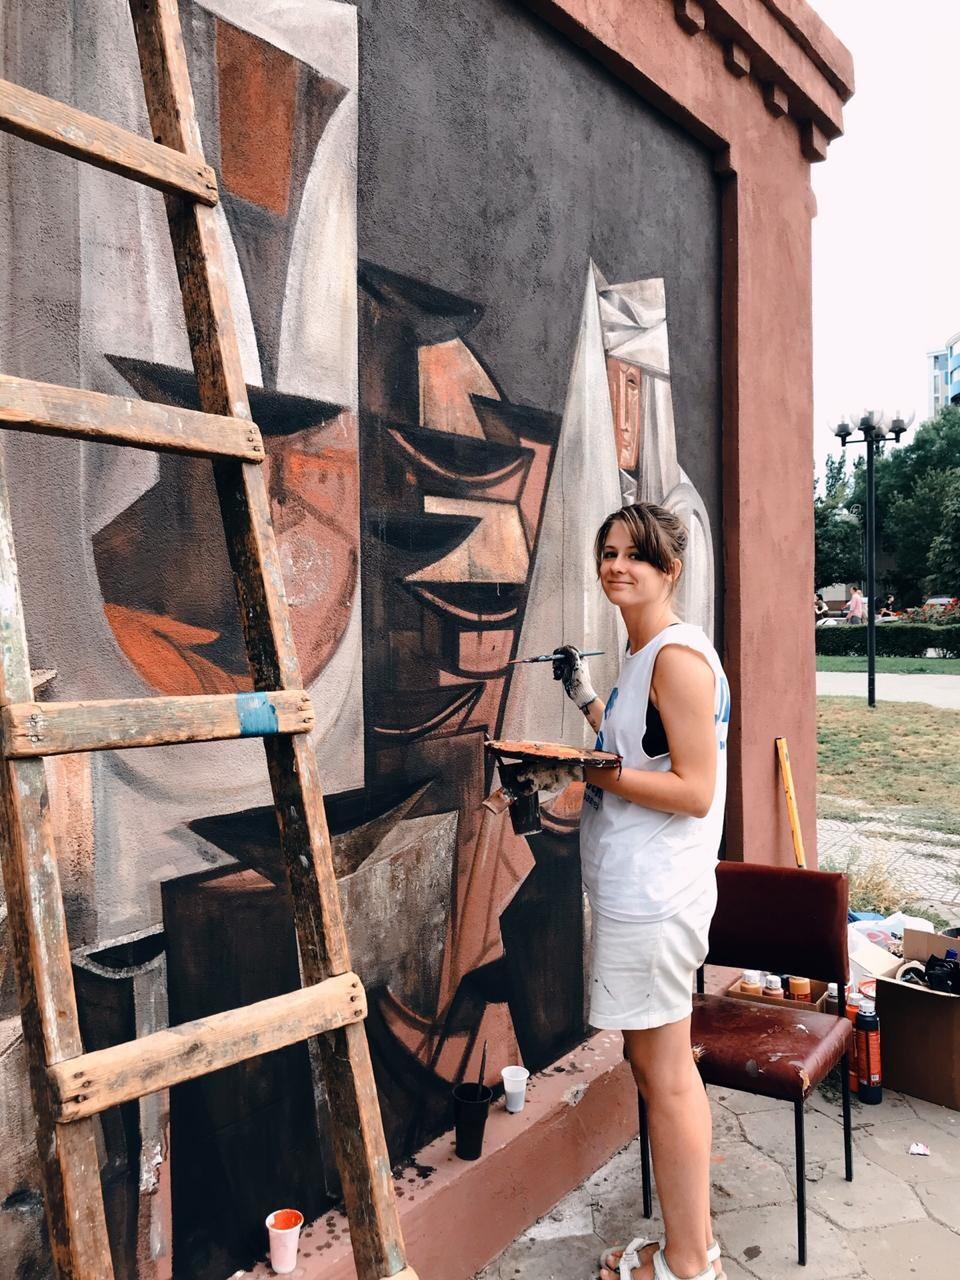 В Астрахани художник расписал шестиэтажный дом